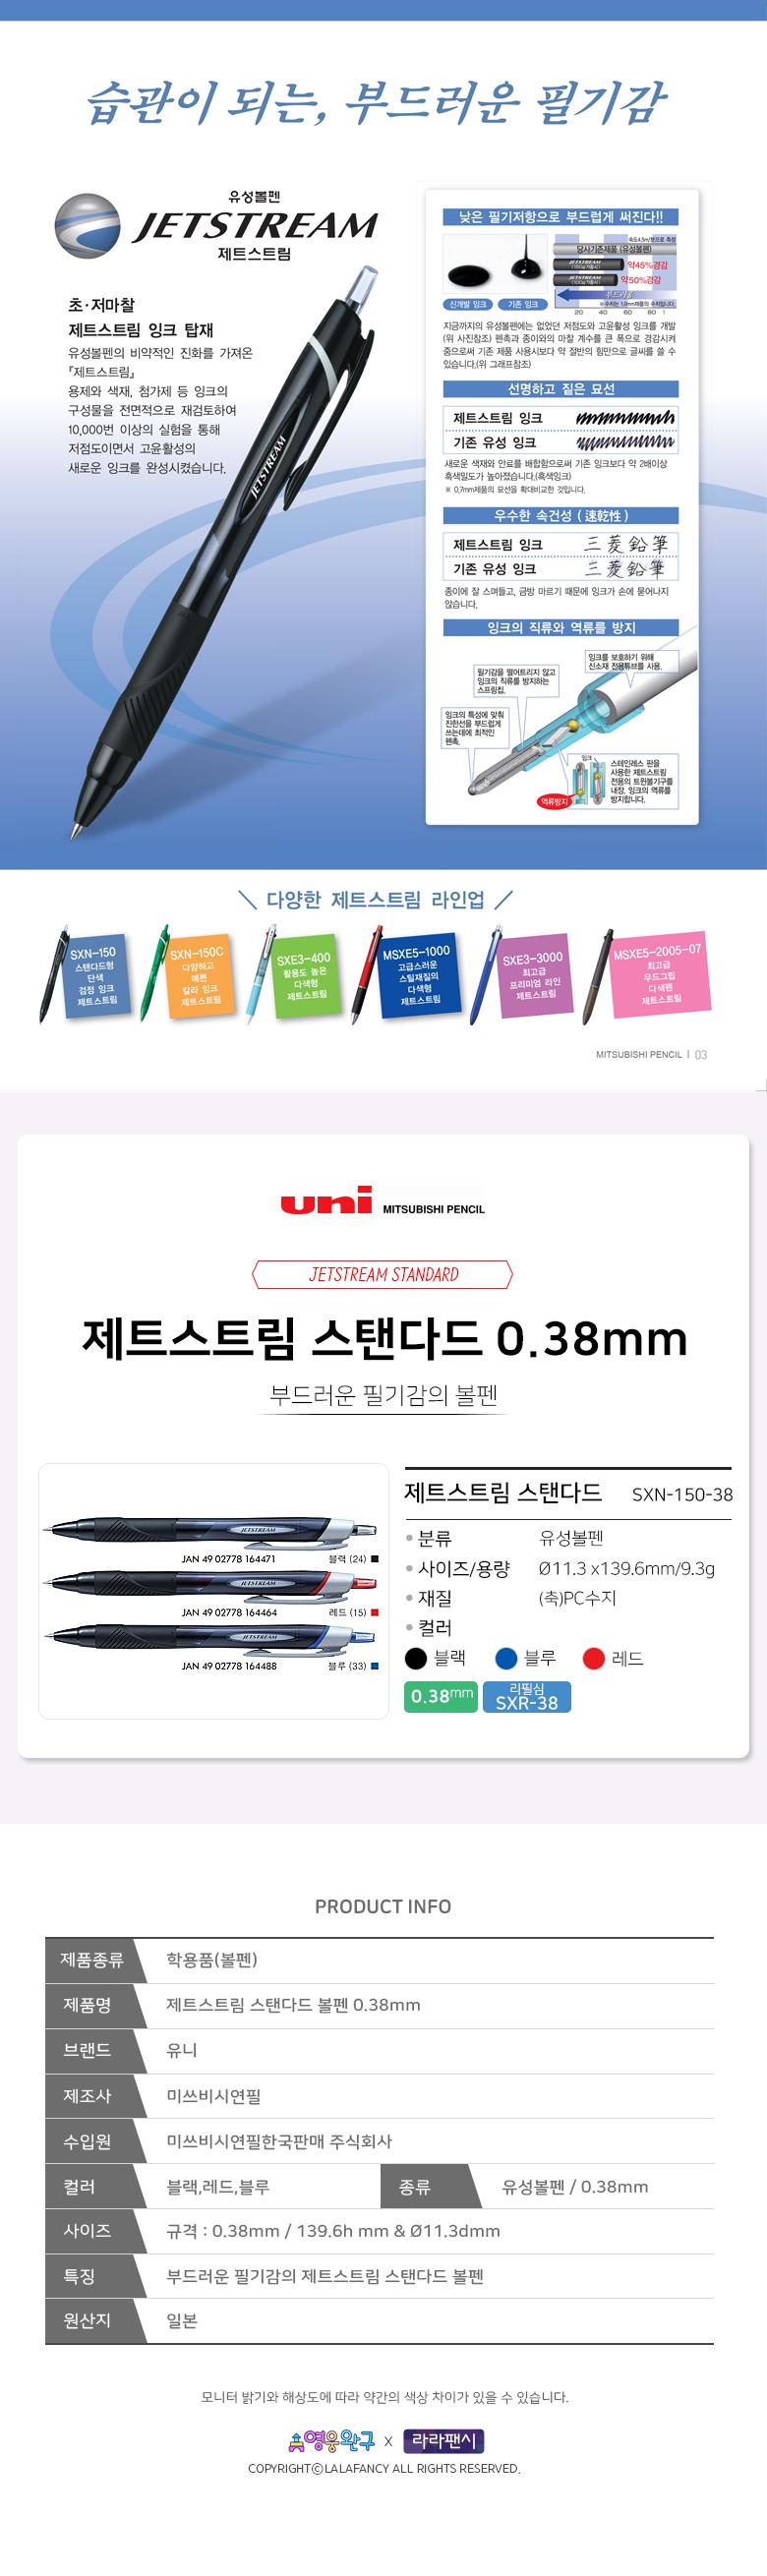 필기구 학용품 제트스트림 스탠다드 볼펜 0.38mm - 라라팬시, 1,800원, 볼펜, 심플 볼펜